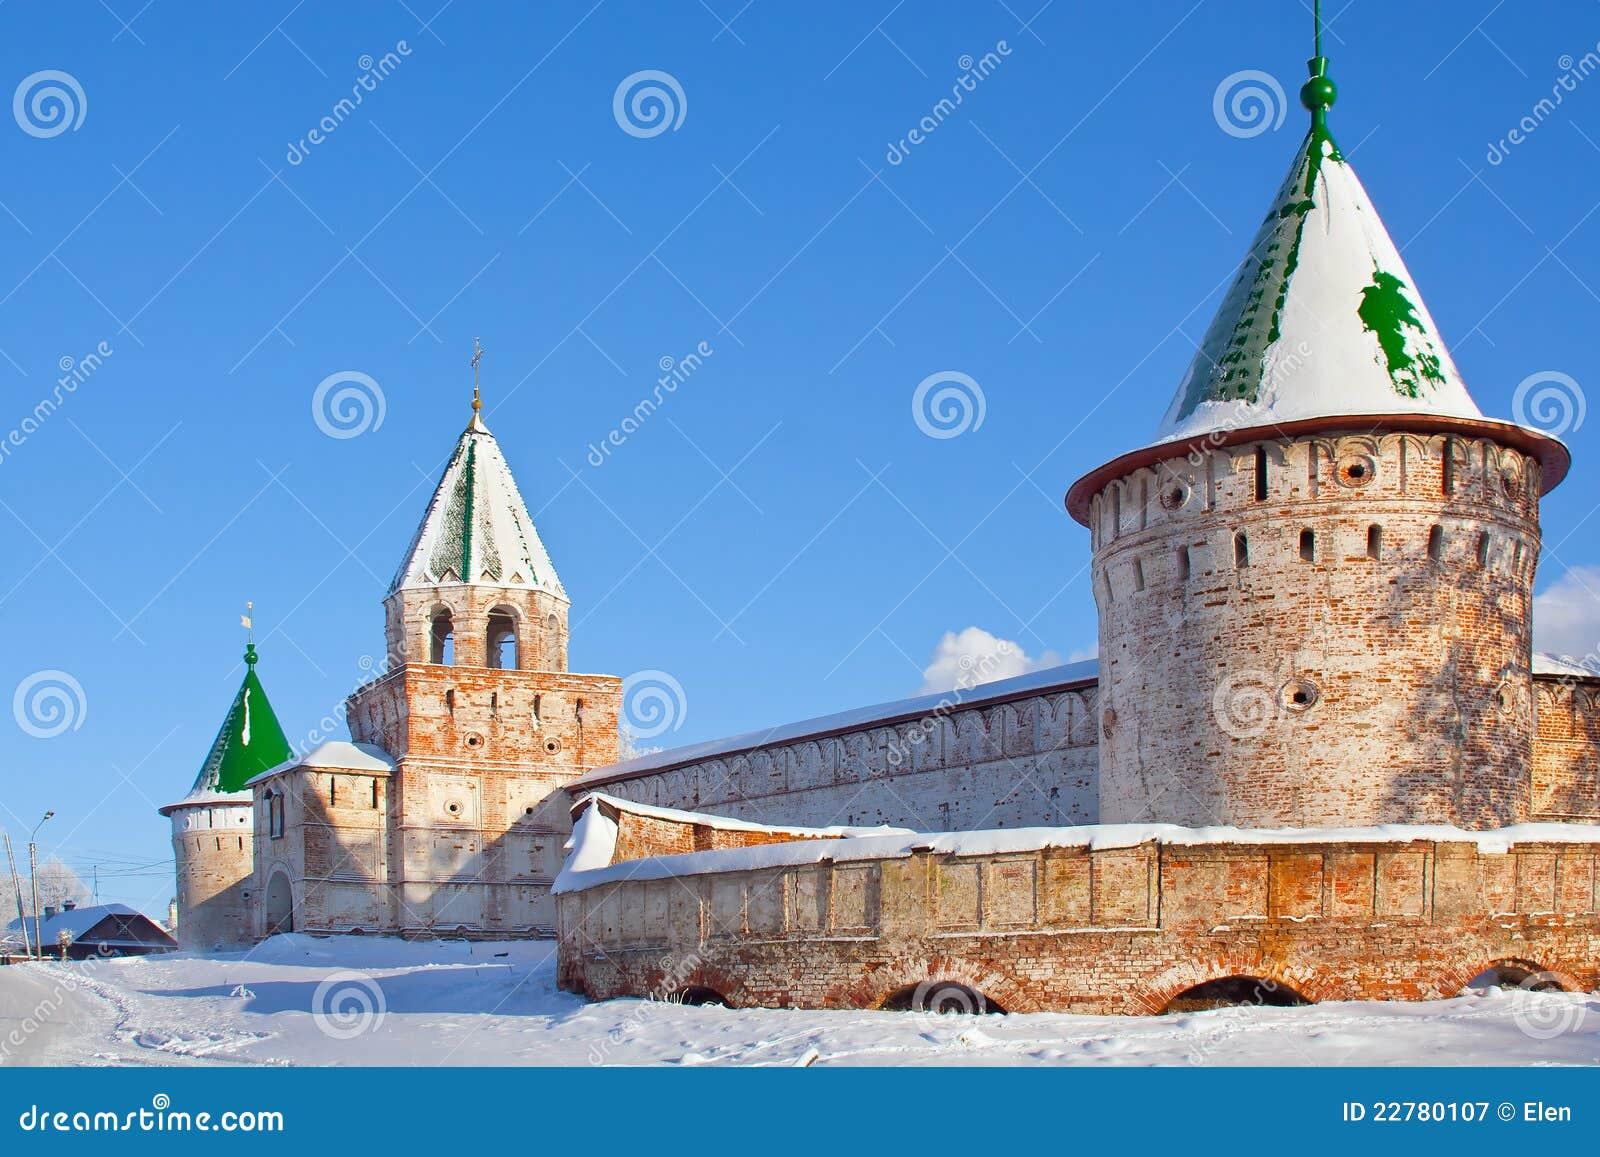 Καθεδρικός ναός χριστιανισμού στη Ρωσία, Kostroma πόλη, μοναστήρι Ipatievsky